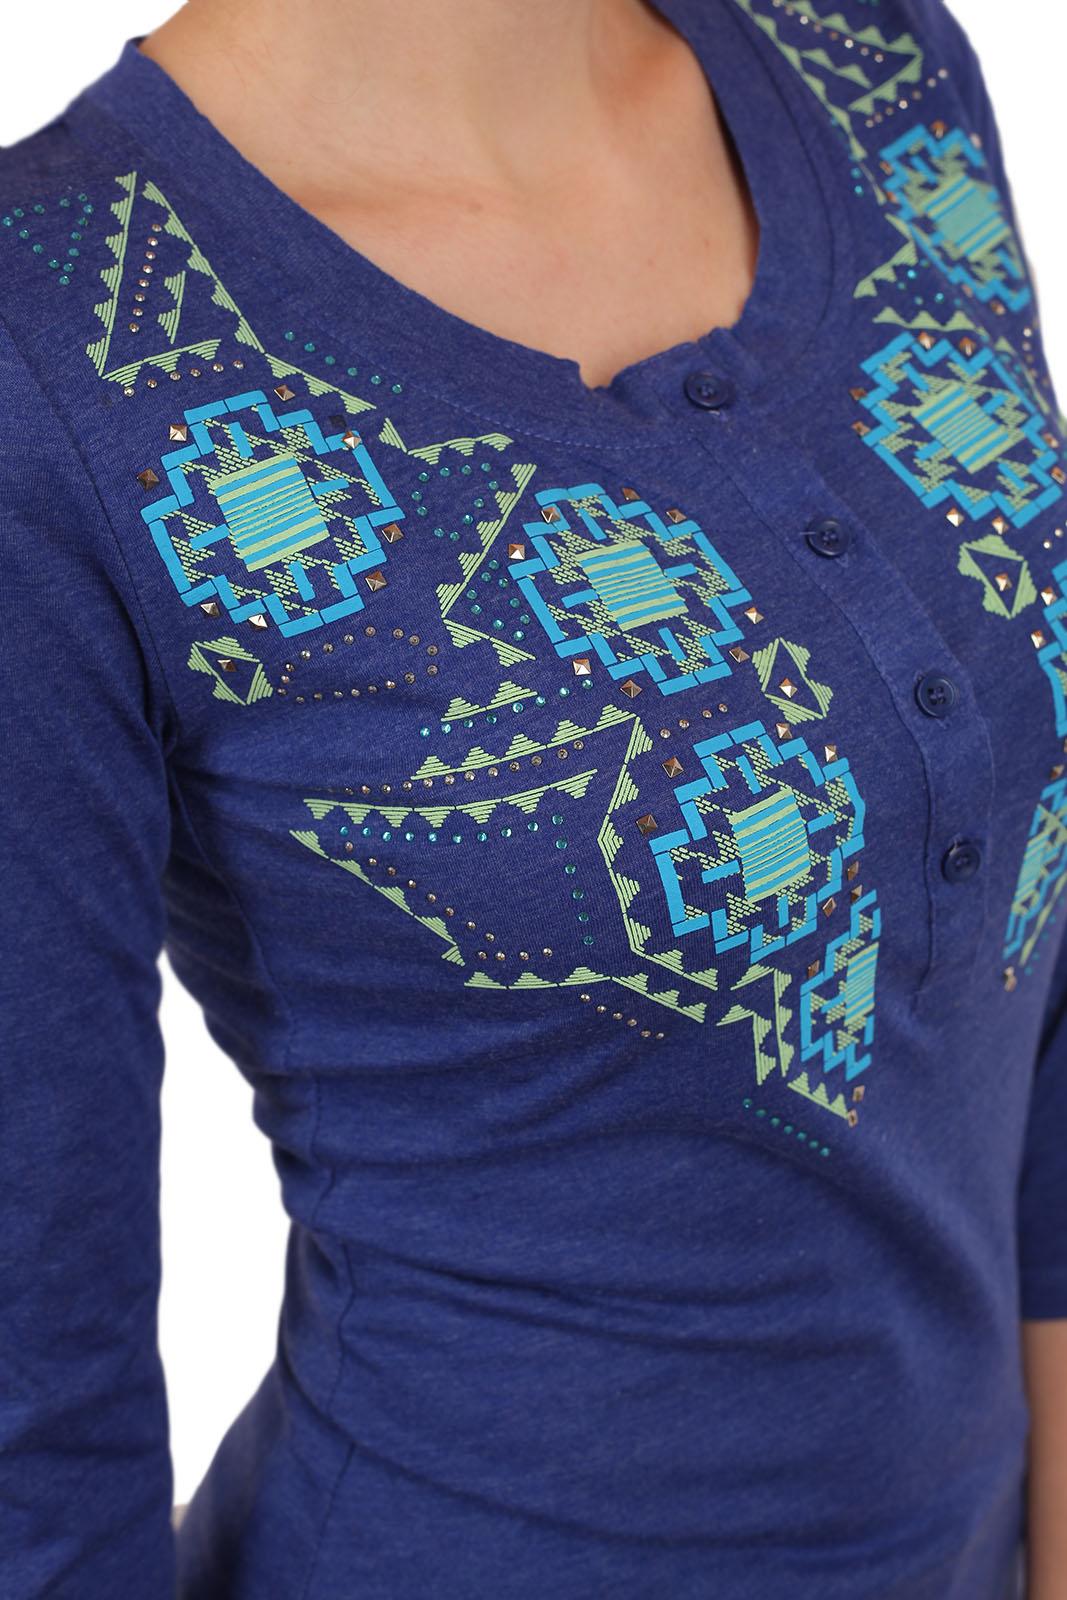 Женственная кофточка Panhandle Slim с вышитым принтом и пуговичками на груди. Ассиметричный низ, рукава ¾ и фасон, за которым гоняются все модницы Москвы